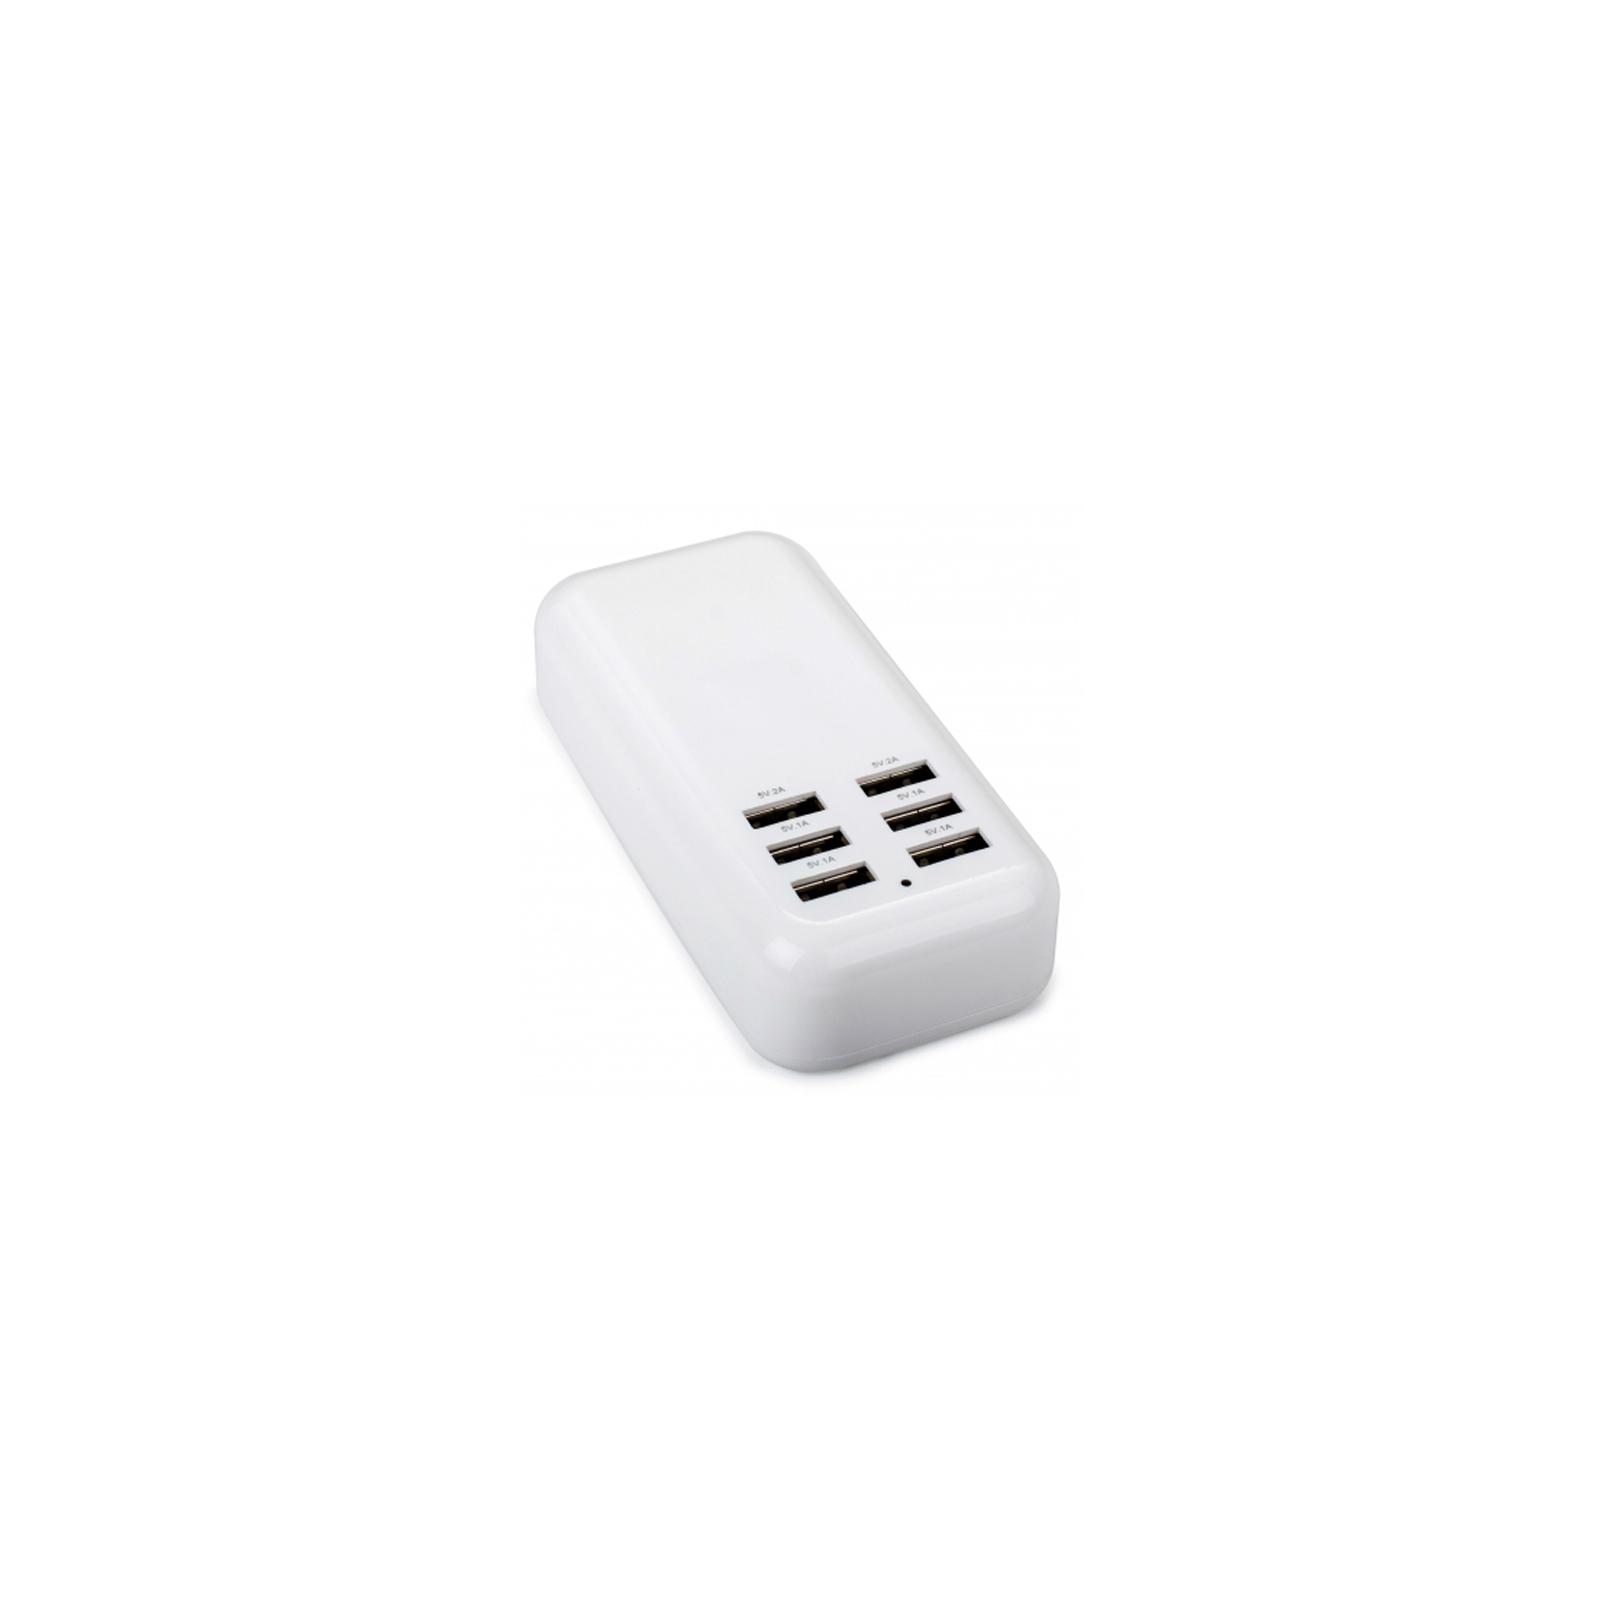 Зарядное устройство Drobak Multi Power 6*USB 6A (905320)